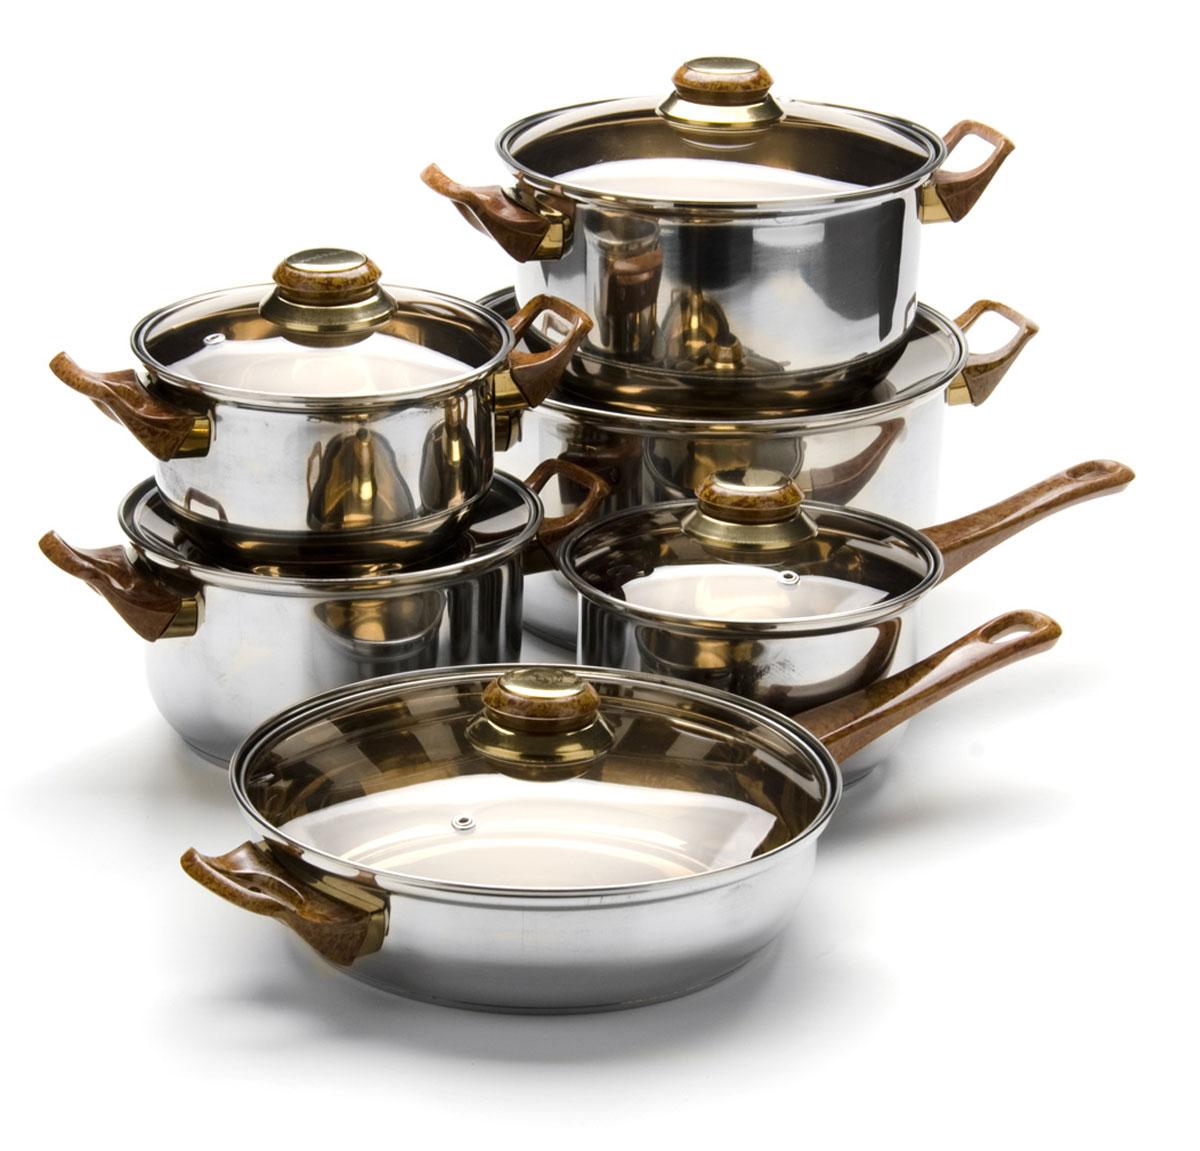 Набор посуды станет отличным дополнением к набору кухонной утвари. С его приобретением приготовление ваших любимых блюд перейдет на качественно новый уровень и вы сможете воплотить в жизнь любые кулинарные идеи. В комплект входят 12 предметов: ковш (объем 1,9 л), сковорода (объем 4 л), 4 кастрюли (объем 1,9, 2,8, 3,6, 7 л), 6 крышек. Набор многофункционален и удобен в использовании, подойдет для варки супов, приготовления блюд из мяса и рыбы, гарниров, соусов т. д.